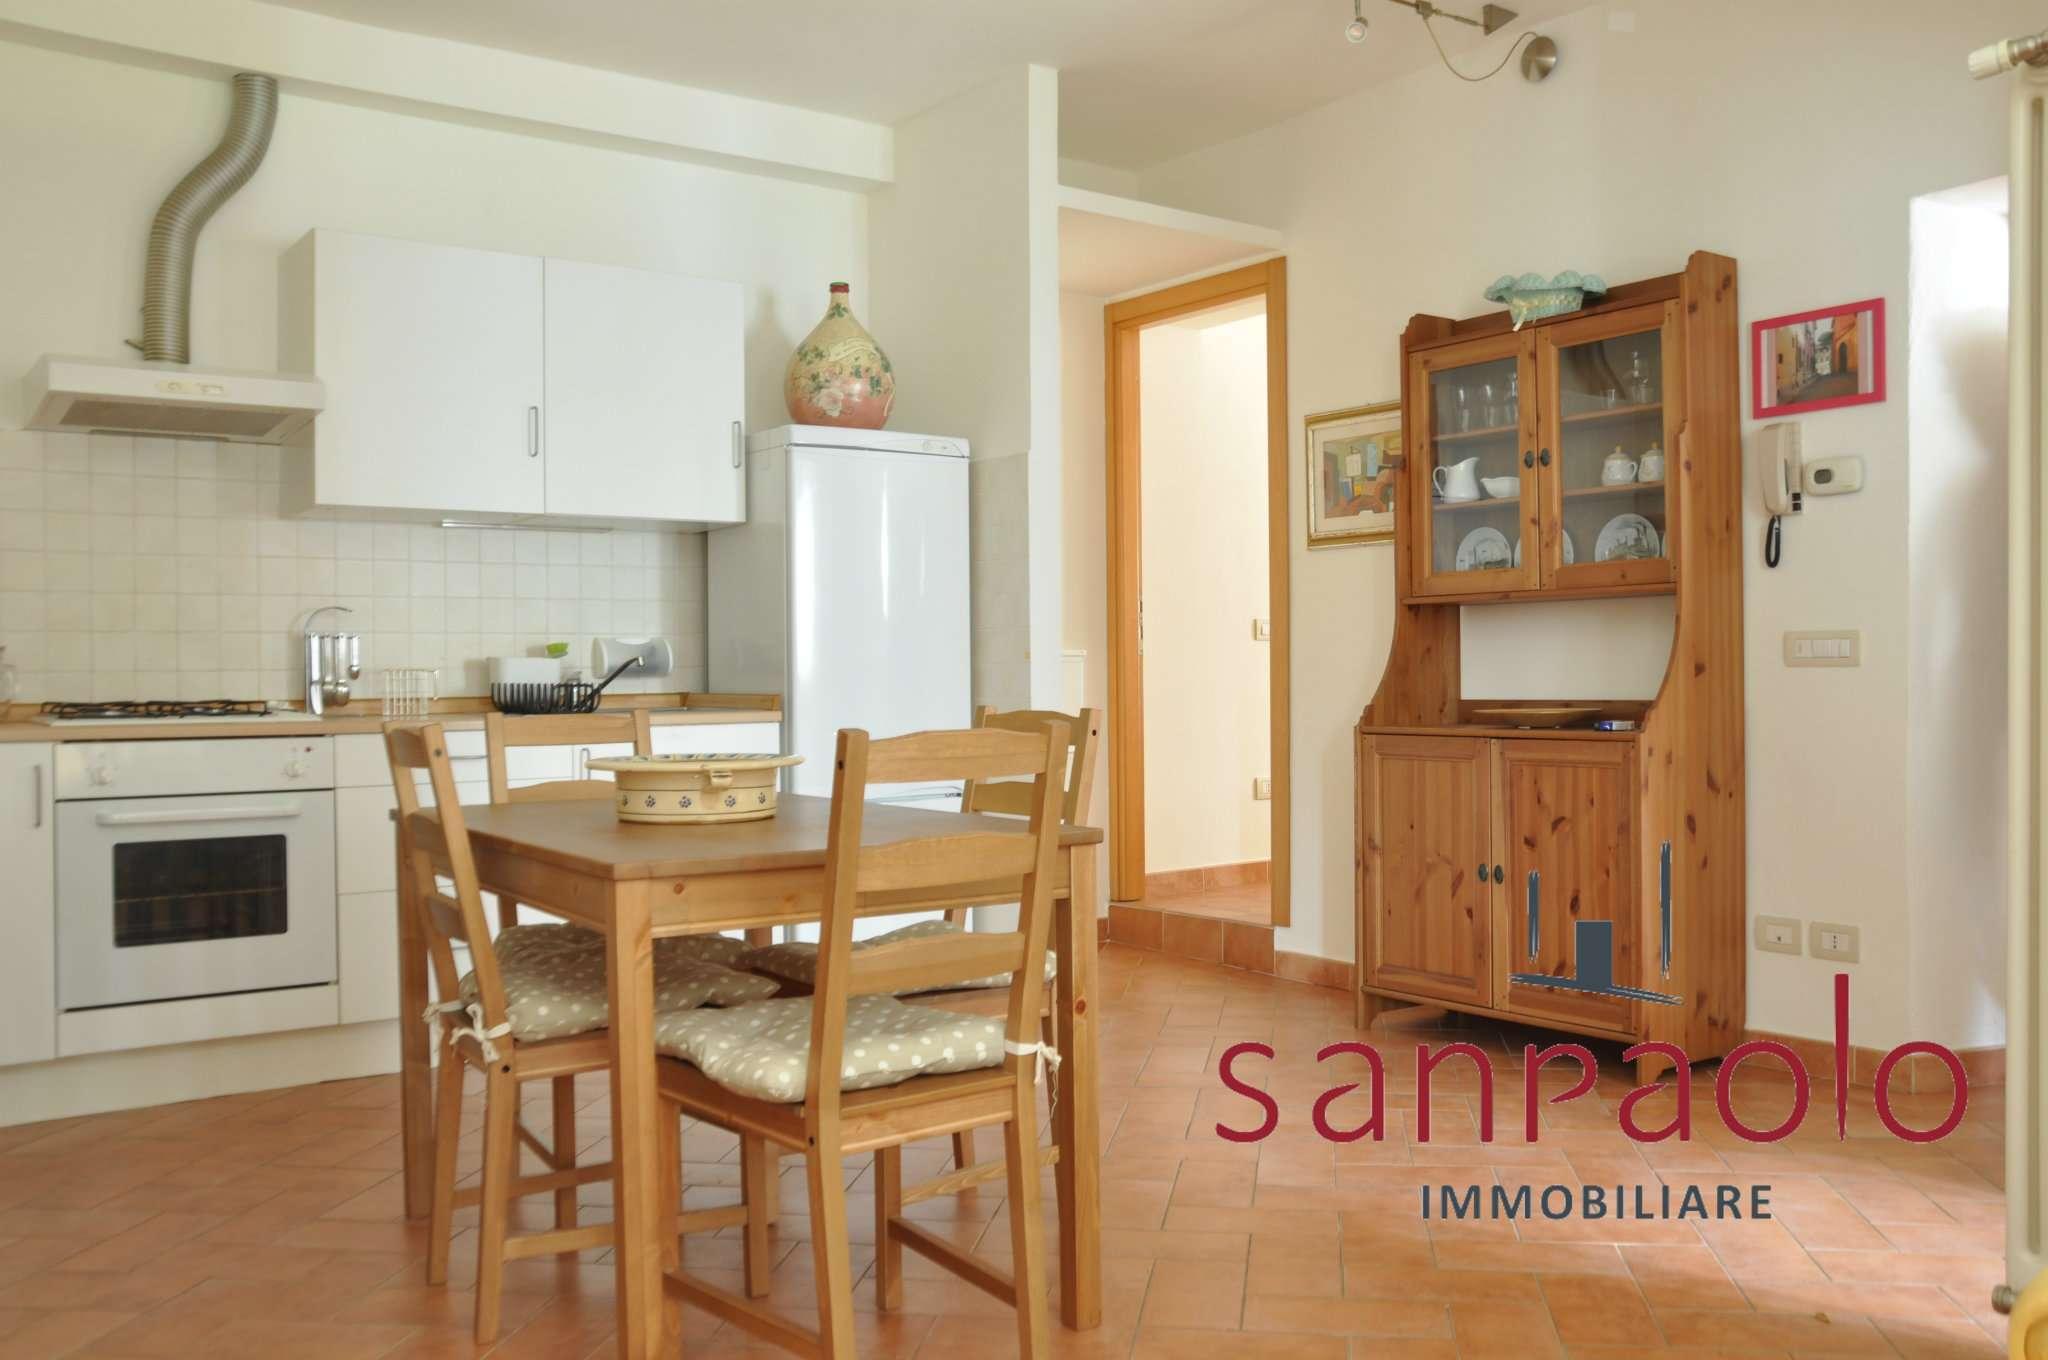 Appartamento in affitto a Pistoia, 2 locali, prezzo € 550 | PortaleAgenzieImmobiliari.it